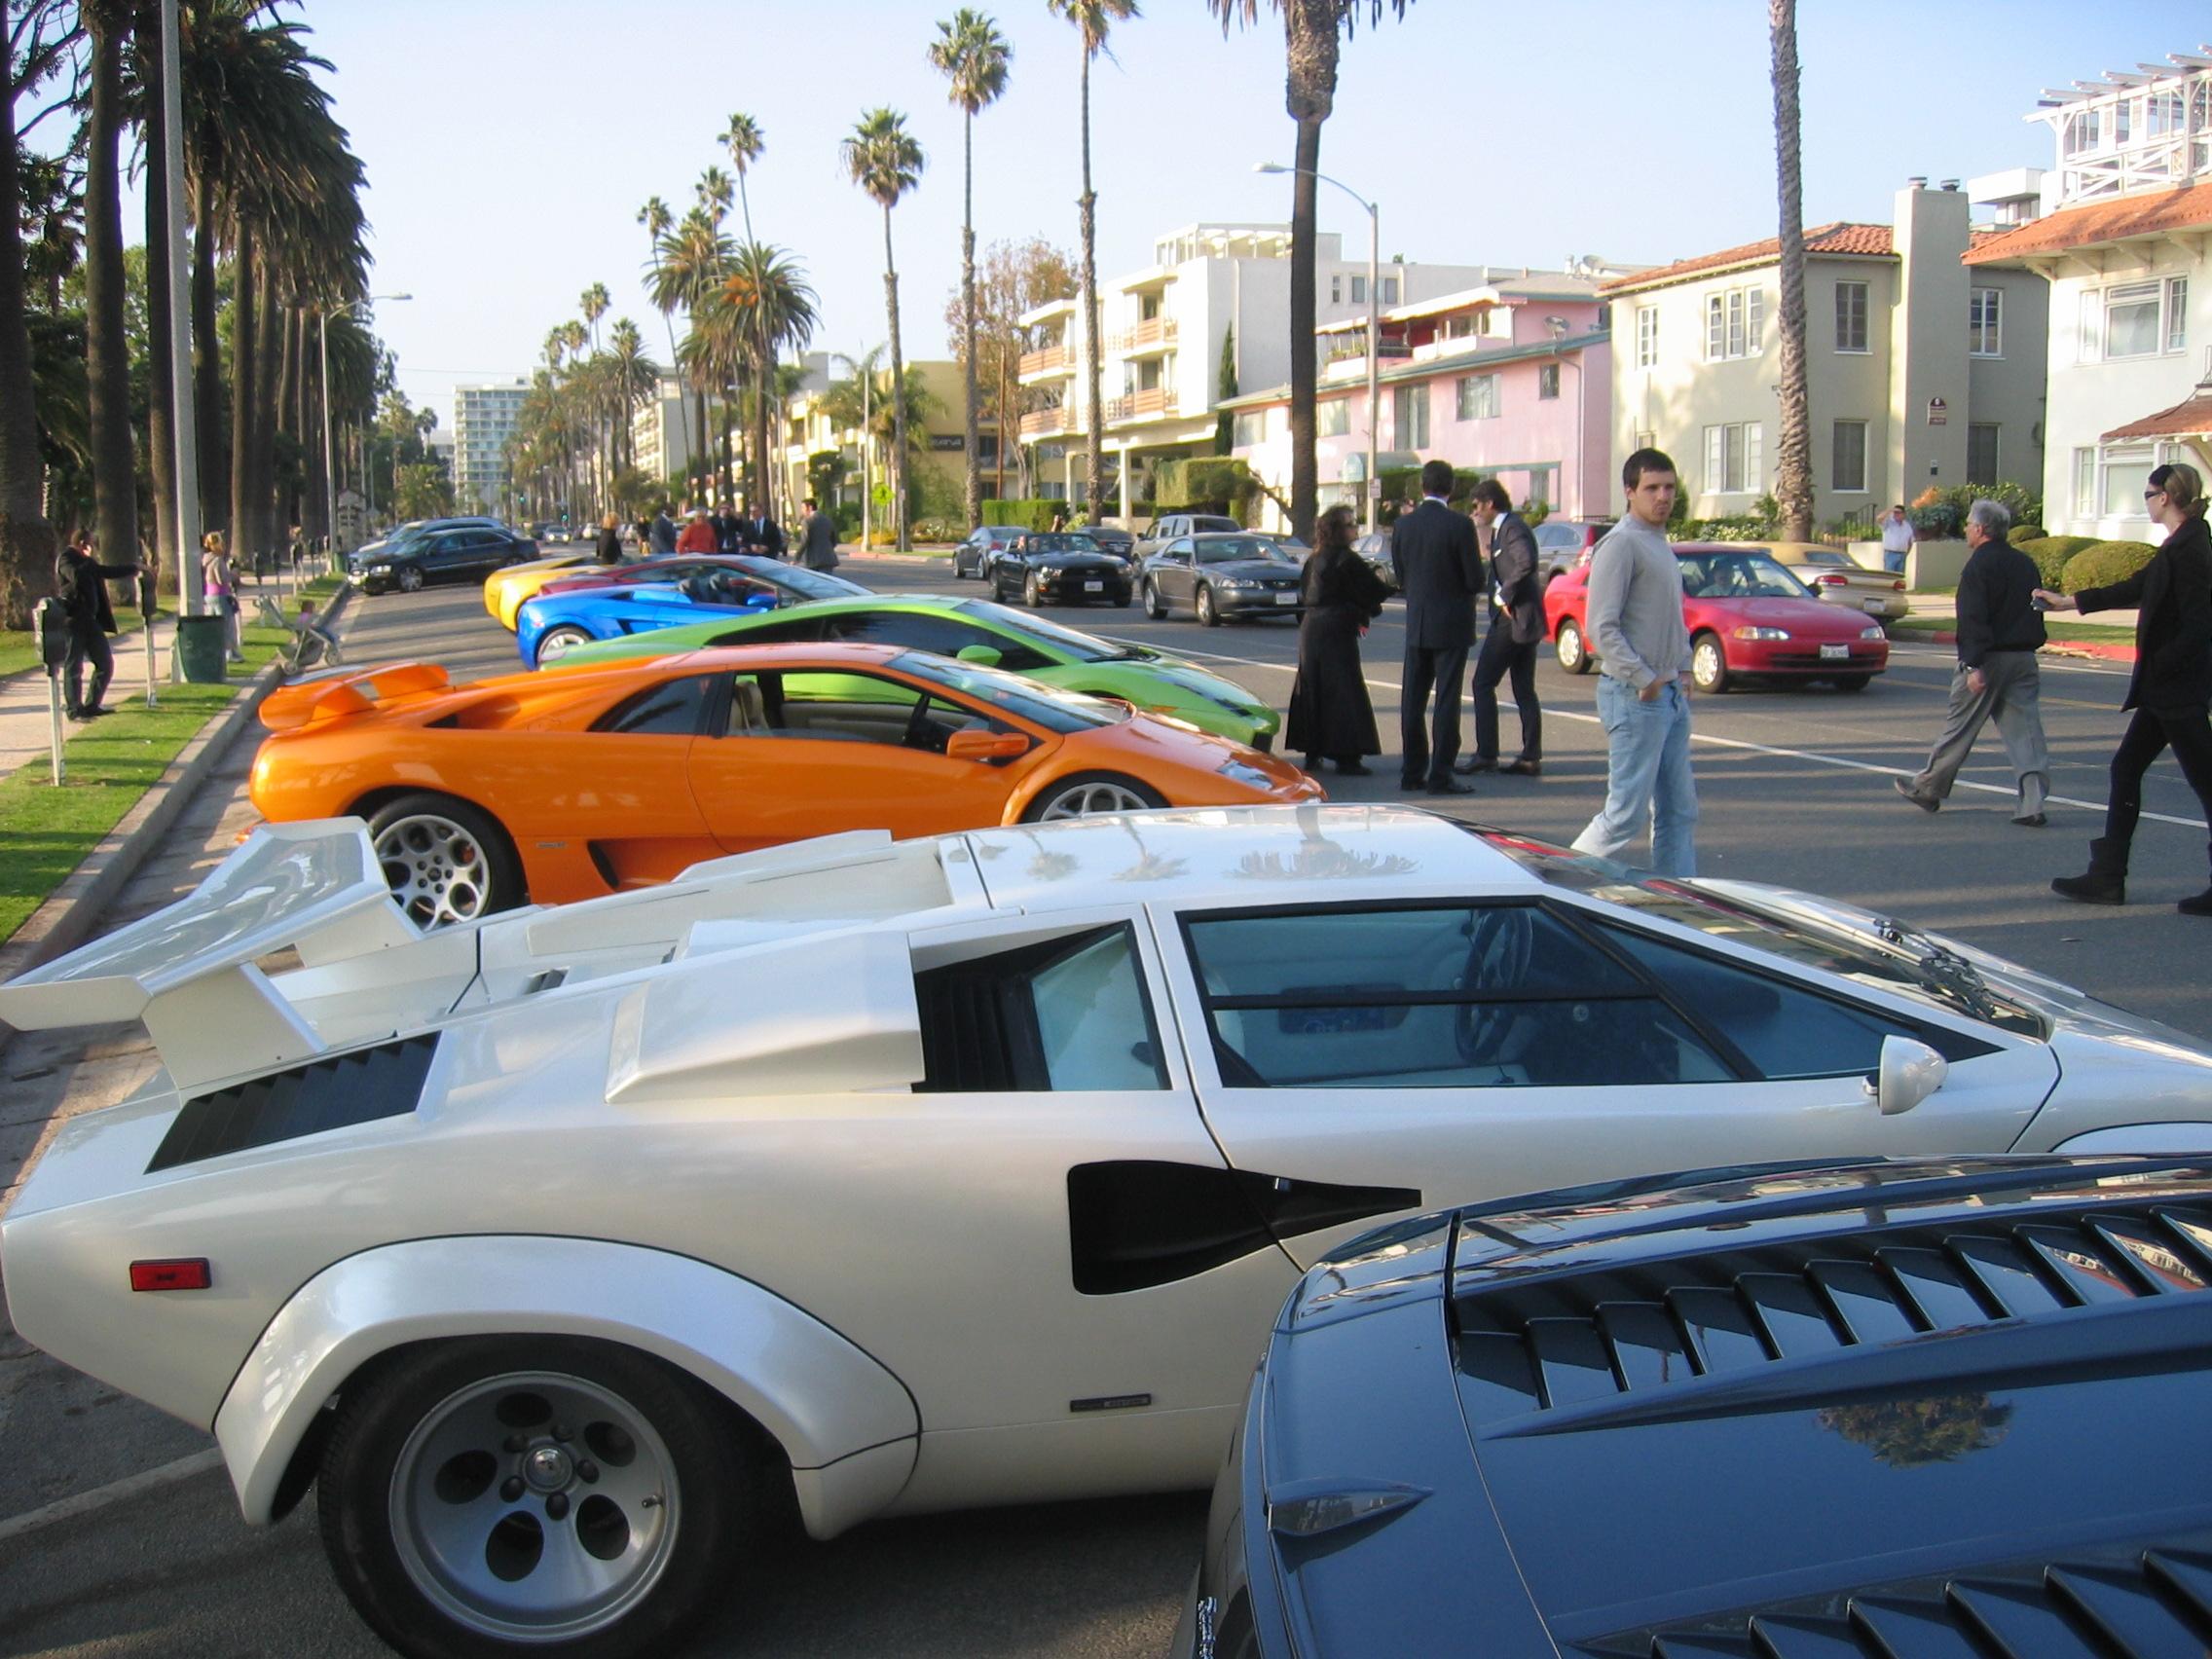 Automobili Lamborghini: nuova boutique alle porte di Los Angeles (immagini e video)